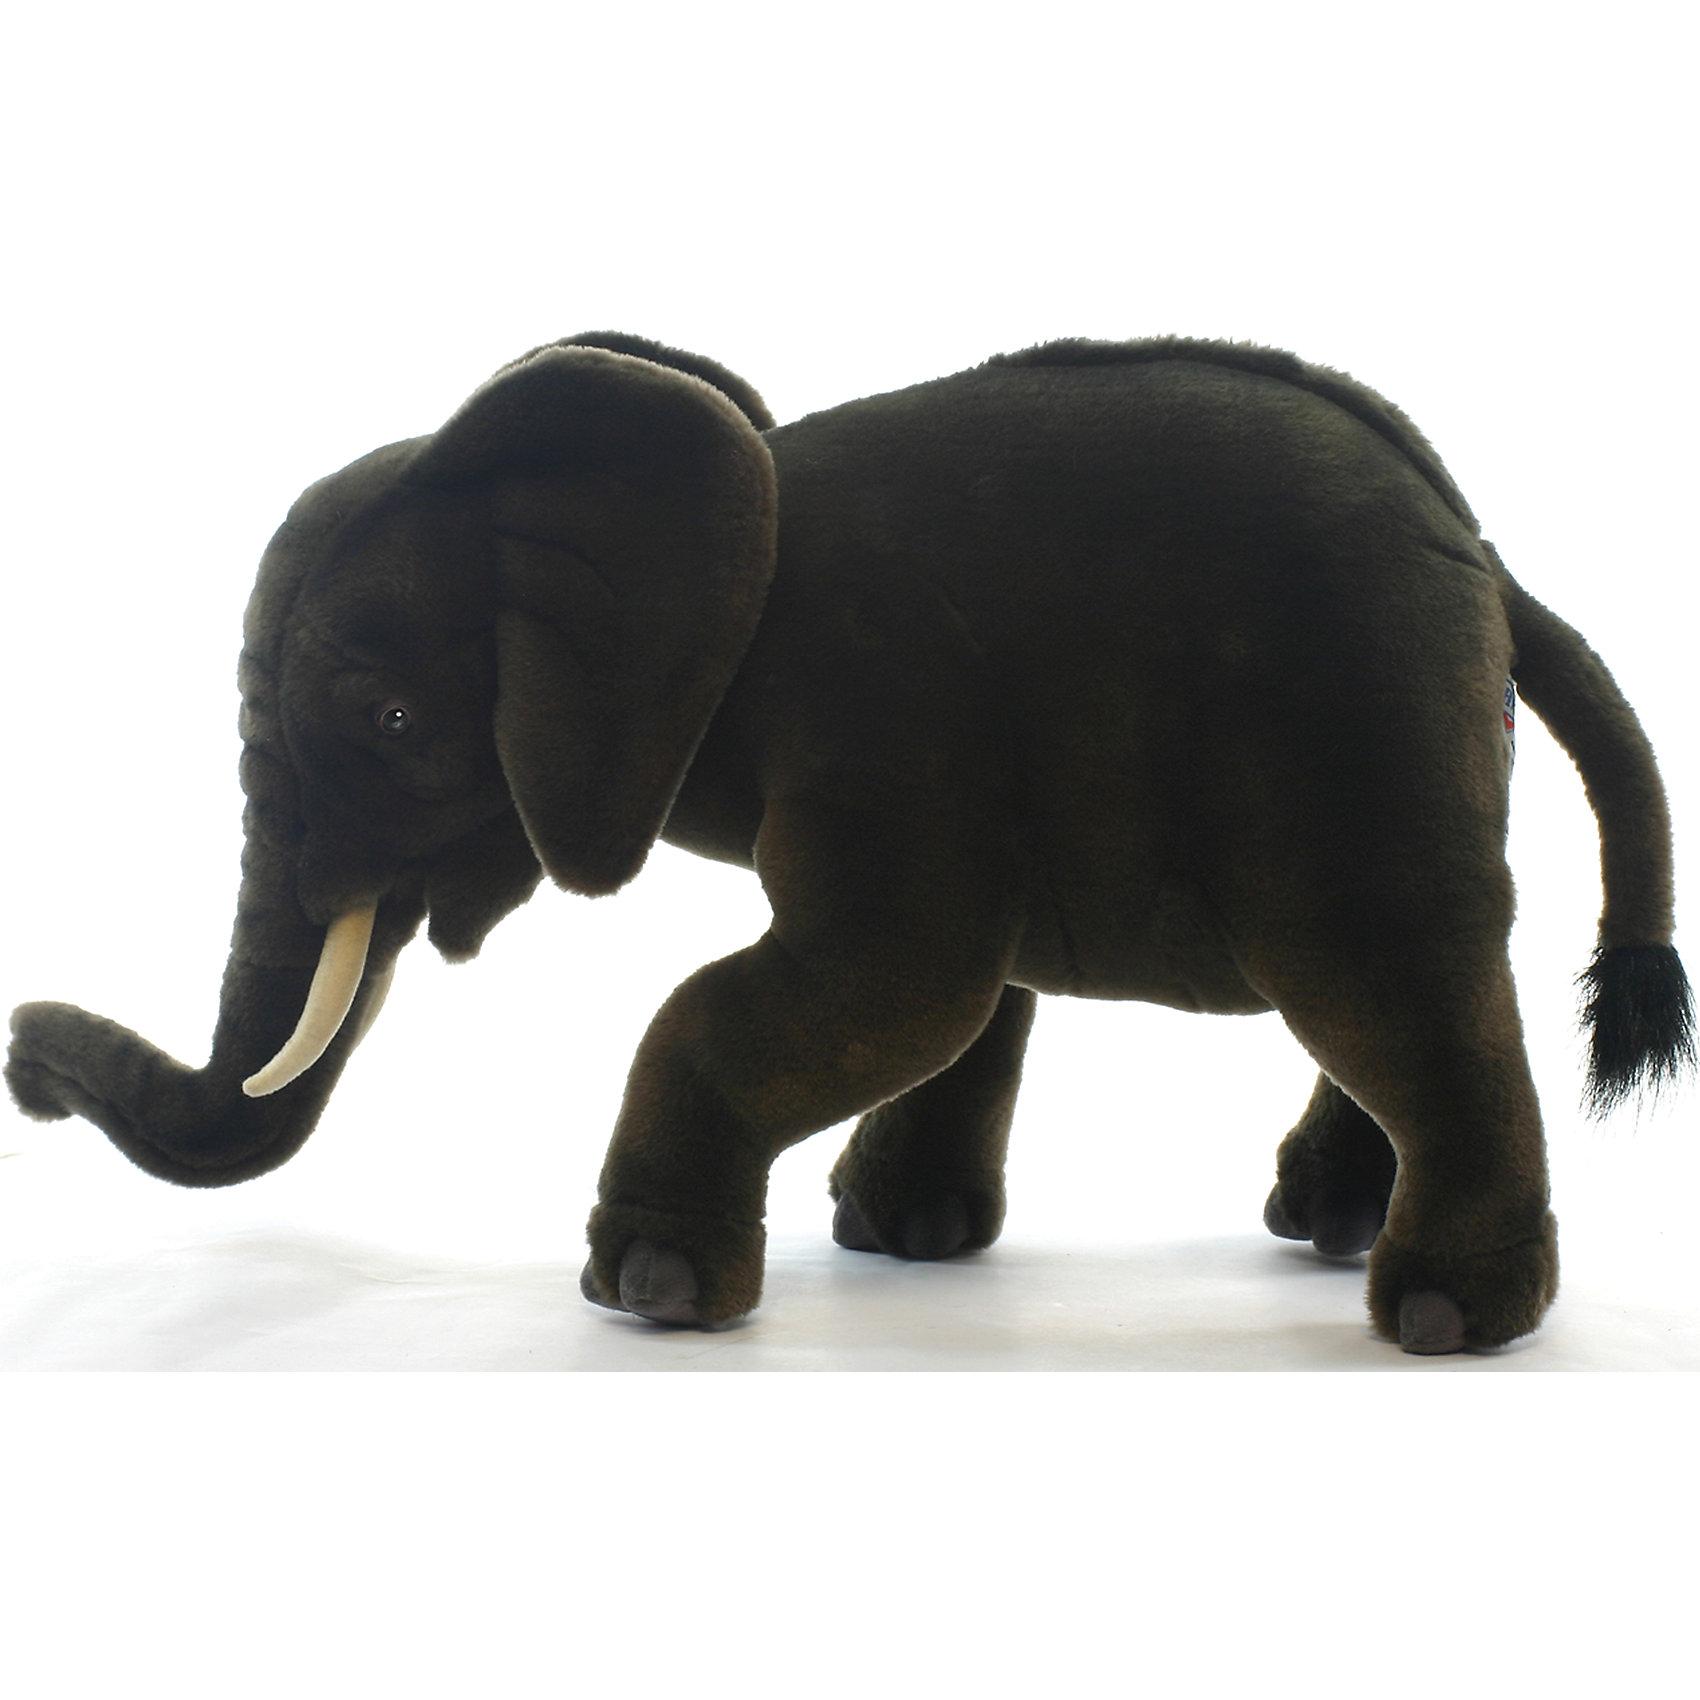 Слоненок, 42 смСлоненок, 42 см – игрушка от знаменитого бренда Hansa, специализирующегося на выпуске мягких игрушек с высокой степенью натуралистичности. Внешний игрушки полностью соответствует реальному прототипу –  детенышу слона азиатского. Игрушка выполнена из искусственного меха с коротким ворсом темного цвета, который обладает гипоаллергенными свойствами. Внутри имеется металлический каркас, который позволяет изменять положение. Игрушка относится к серии Дикие животные. <br>Мягкие игрушки от Hansa подходят для сюжетно-ролевых игр или для обучающих игр. Кроме того, их можно использовать в качестве интерьерных игрушек. Игрушки от Hansa будут радовать вашего ребенка долгое время, так как ручная работа и качественные материалы гарантируют их долговечность и прочность.<br><br>Дополнительная информация:<br><br>- Вид игр: сюжетно-ролевые игры, коллекционирование, интерьерные игрушки<br>- Предназначение: для дома, для детских развивающих центров, для детских садов<br>- Материал: искусственный мех, наполнитель ? полиэфирное волокно<br>- Размер (ДхШхВ): 30*16*42 см<br>- Вес: 1 кг 020 г<br>- Особенности ухода: сухая чистка при помощи пылесоса или щетки для одежды<br><br>Подробнее:<br><br>• Для детей в возрасте: от 3 лет <br>• Страна производитель: Филиппины<br>• Торговый бренд: Hansa<br><br>Слоненок, 42 см можно купить в нашем интернет-магазине.<br><br>Ширина мм: 30<br>Глубина мм: 16<br>Высота мм: 42<br>Вес г: 1020<br>Возраст от месяцев: 36<br>Возраст до месяцев: 2147483647<br>Пол: Унисекс<br>Возраст: Детский<br>SKU: 4927203